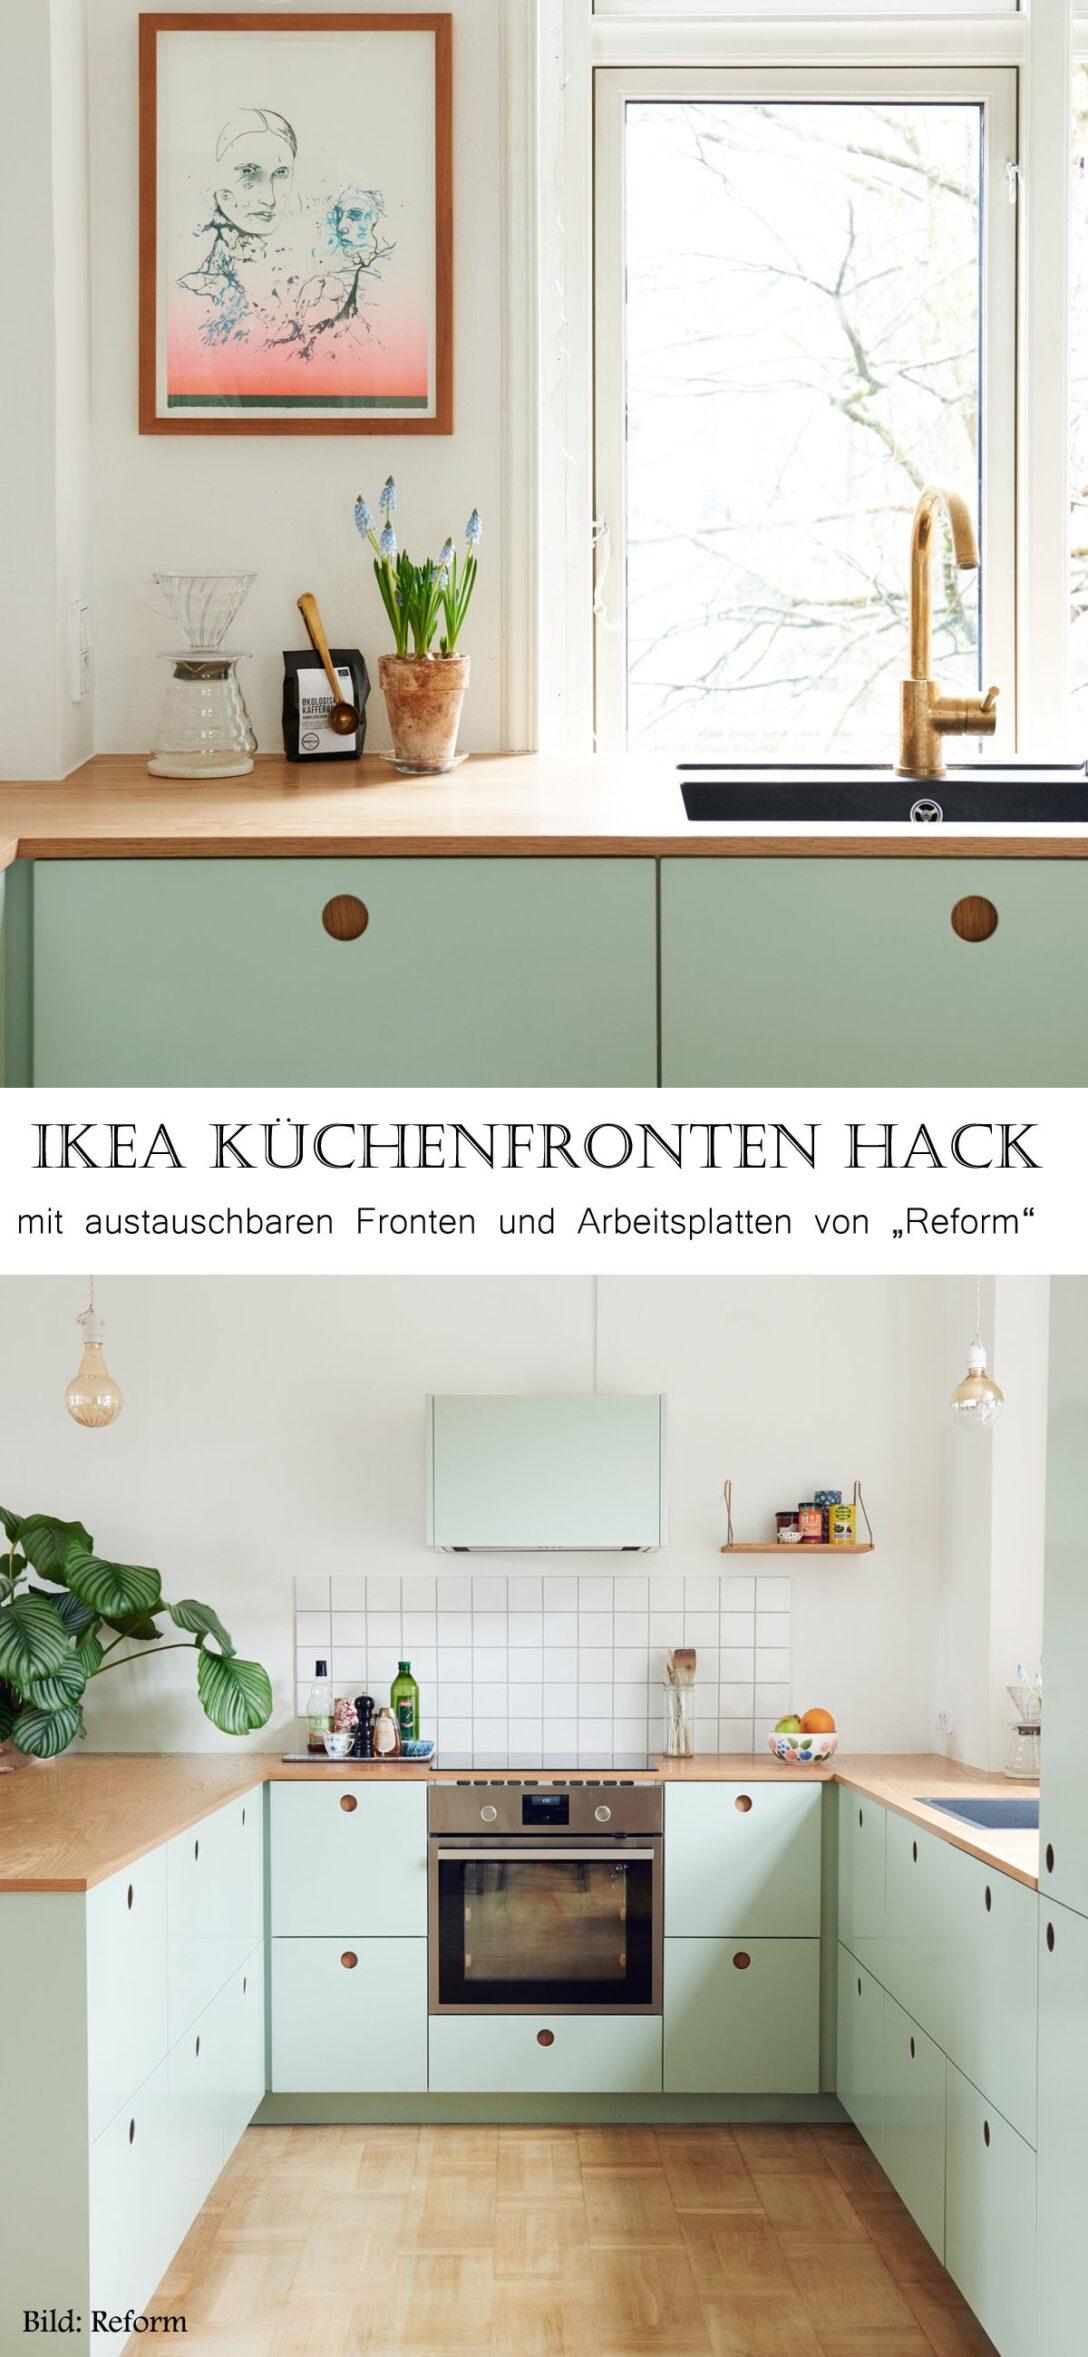 Large Size of Küche Deko Ikea Kchenfronten Pimpen Kchen Fronten Sideboard Landküche Nobilia Arbeitsschuhe Holzküche Pendelleuchte Planen Kostenlos Billig Schreinerküche Wohnzimmer Küche Deko Ikea